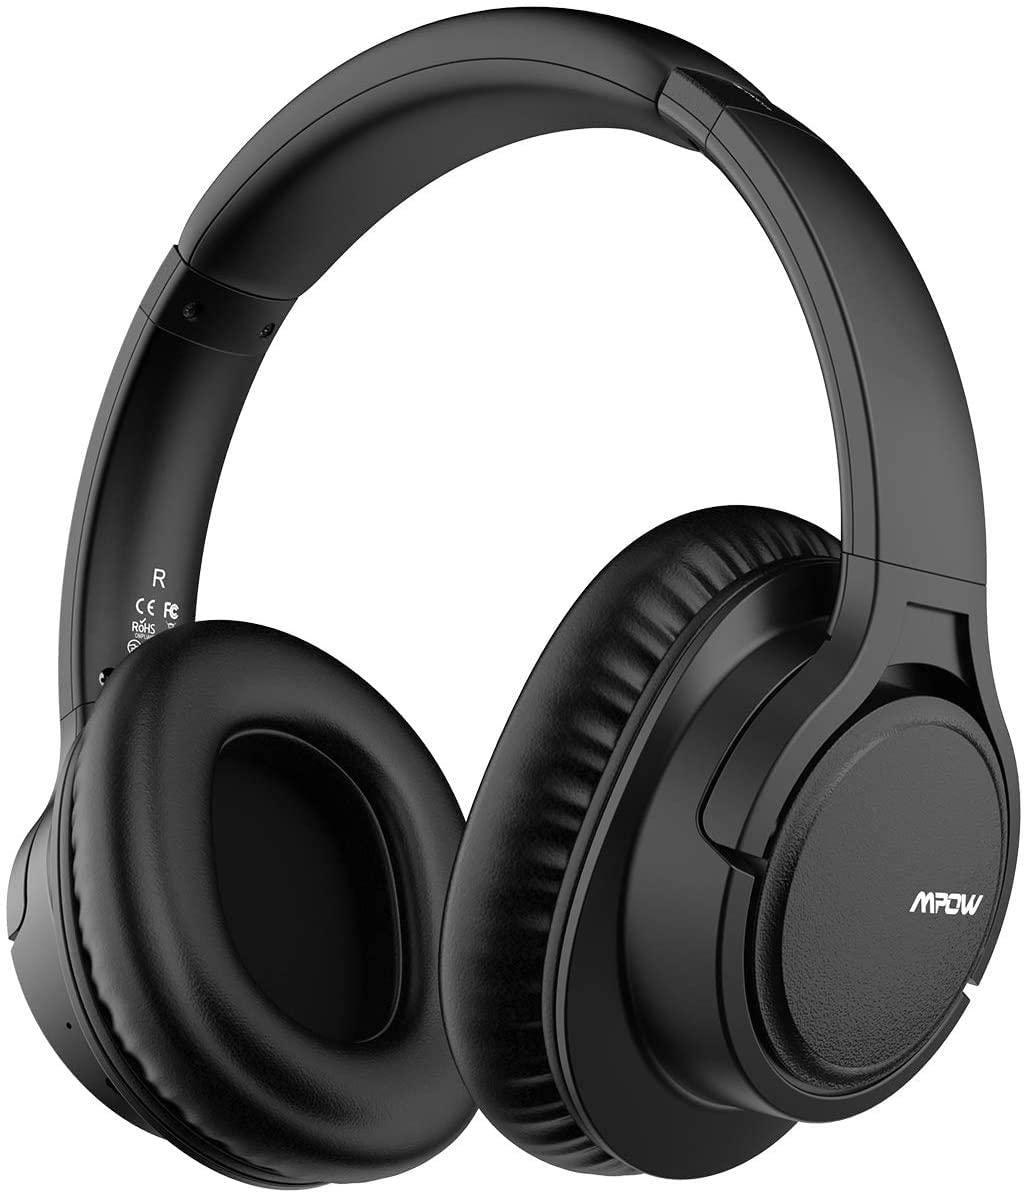 Mpow(エムパウ) H7 PROの商品画像